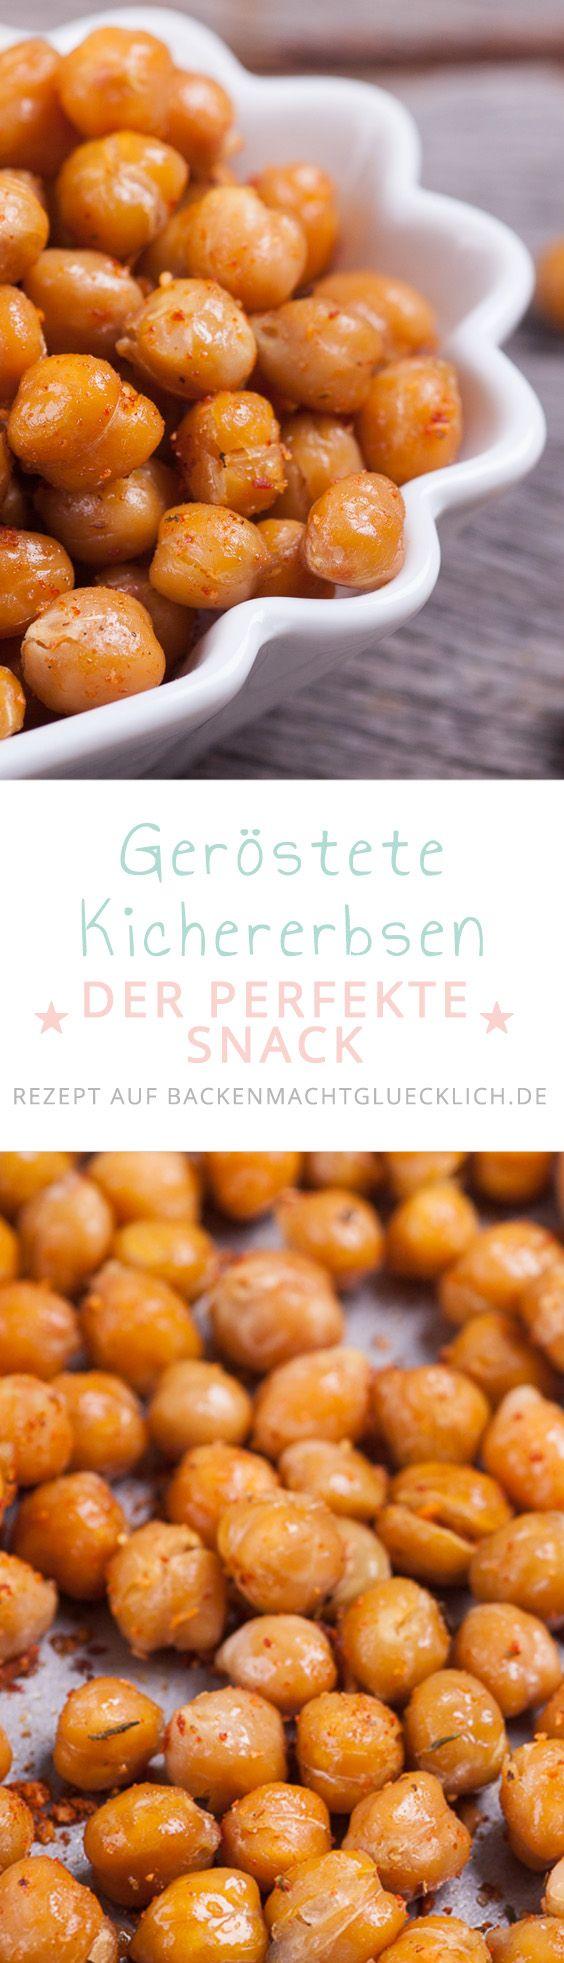 """Geröstete Kichererbsen sind nicht nur extrem lecker und noch dazu gesund – sie sind auch so leicht zu machen, dass man bei ihnen eigentlich gar nicht von einem """"Rezept"""" sprechen kann. Mit nur minimal Olivenöl und ein paar Gewürzen wird aus einfachen Kichererbsen ein perfekter Snack, der wirklich jedem gelingt."""